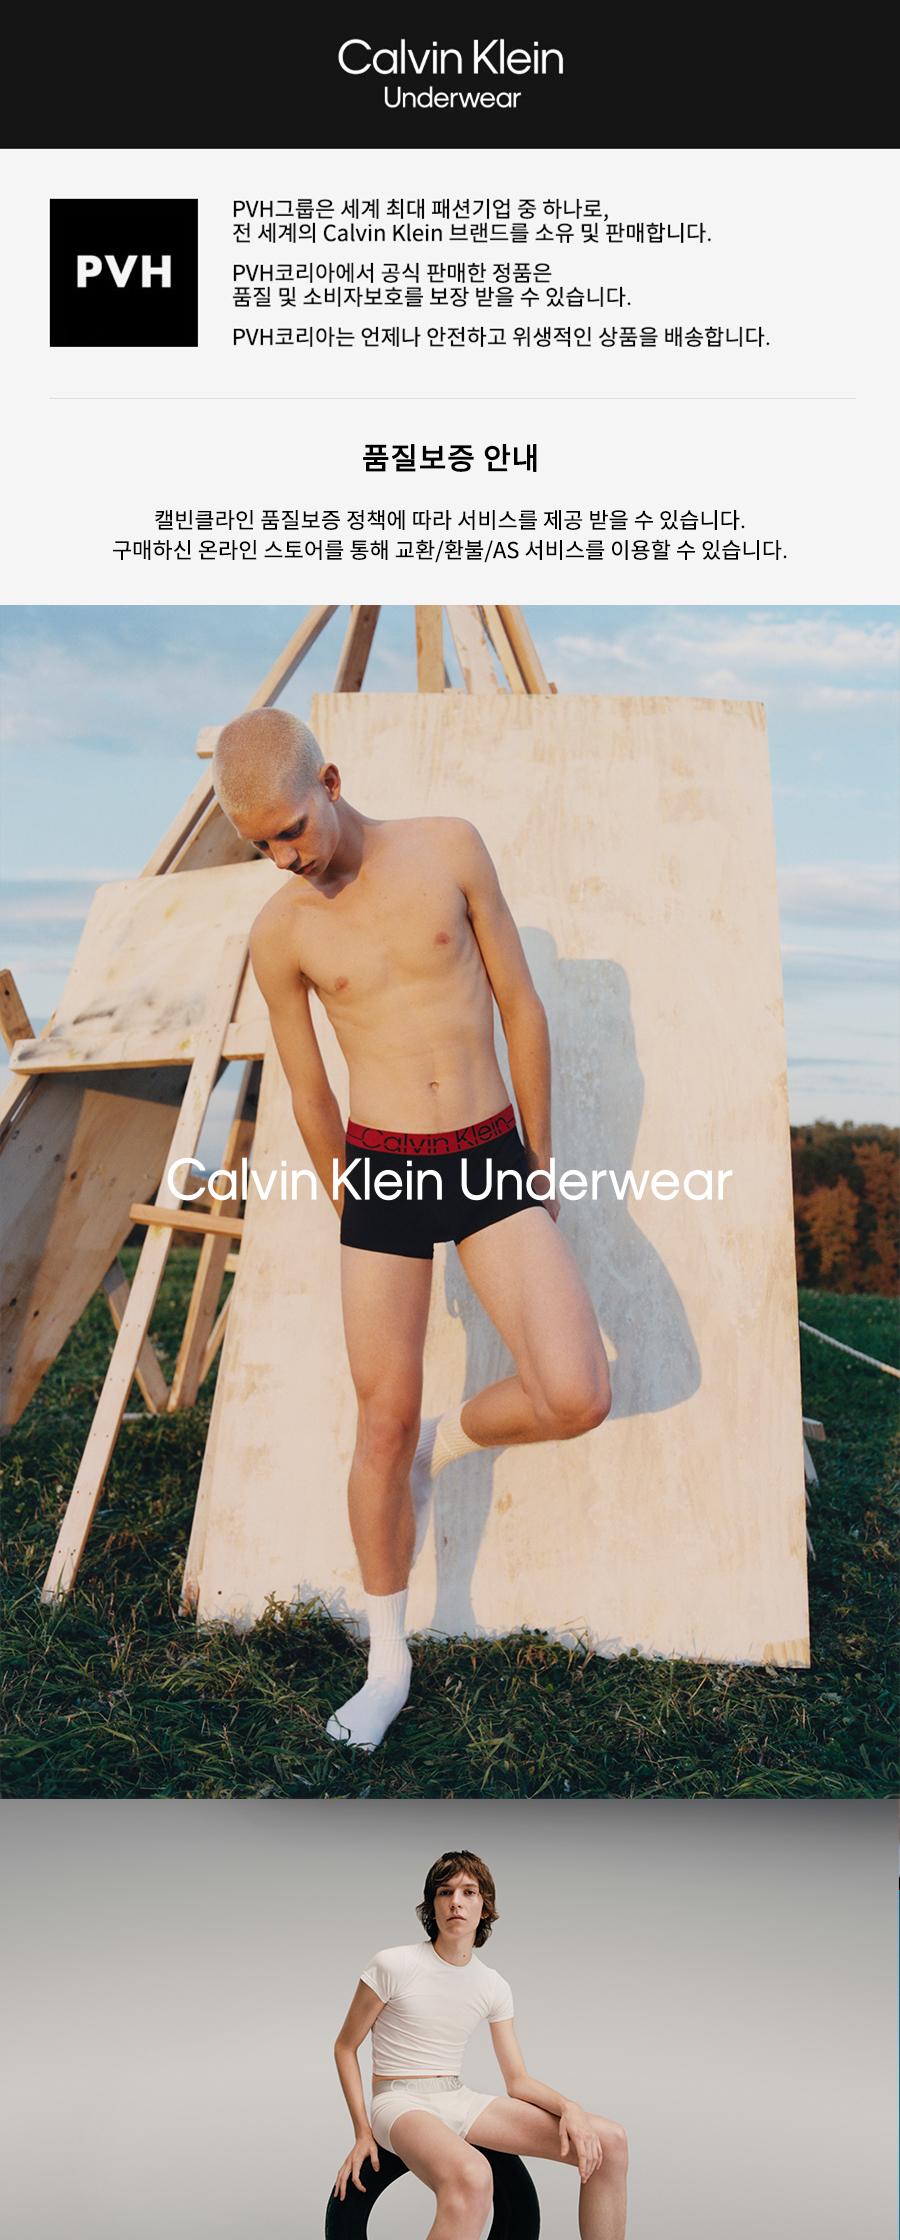 캘빈클라인 언더웨어(CALVIN KLEIN UNDERWEAR) 남성 모던 코튼 스트레치 3PK 트렁크_NB1085MP4